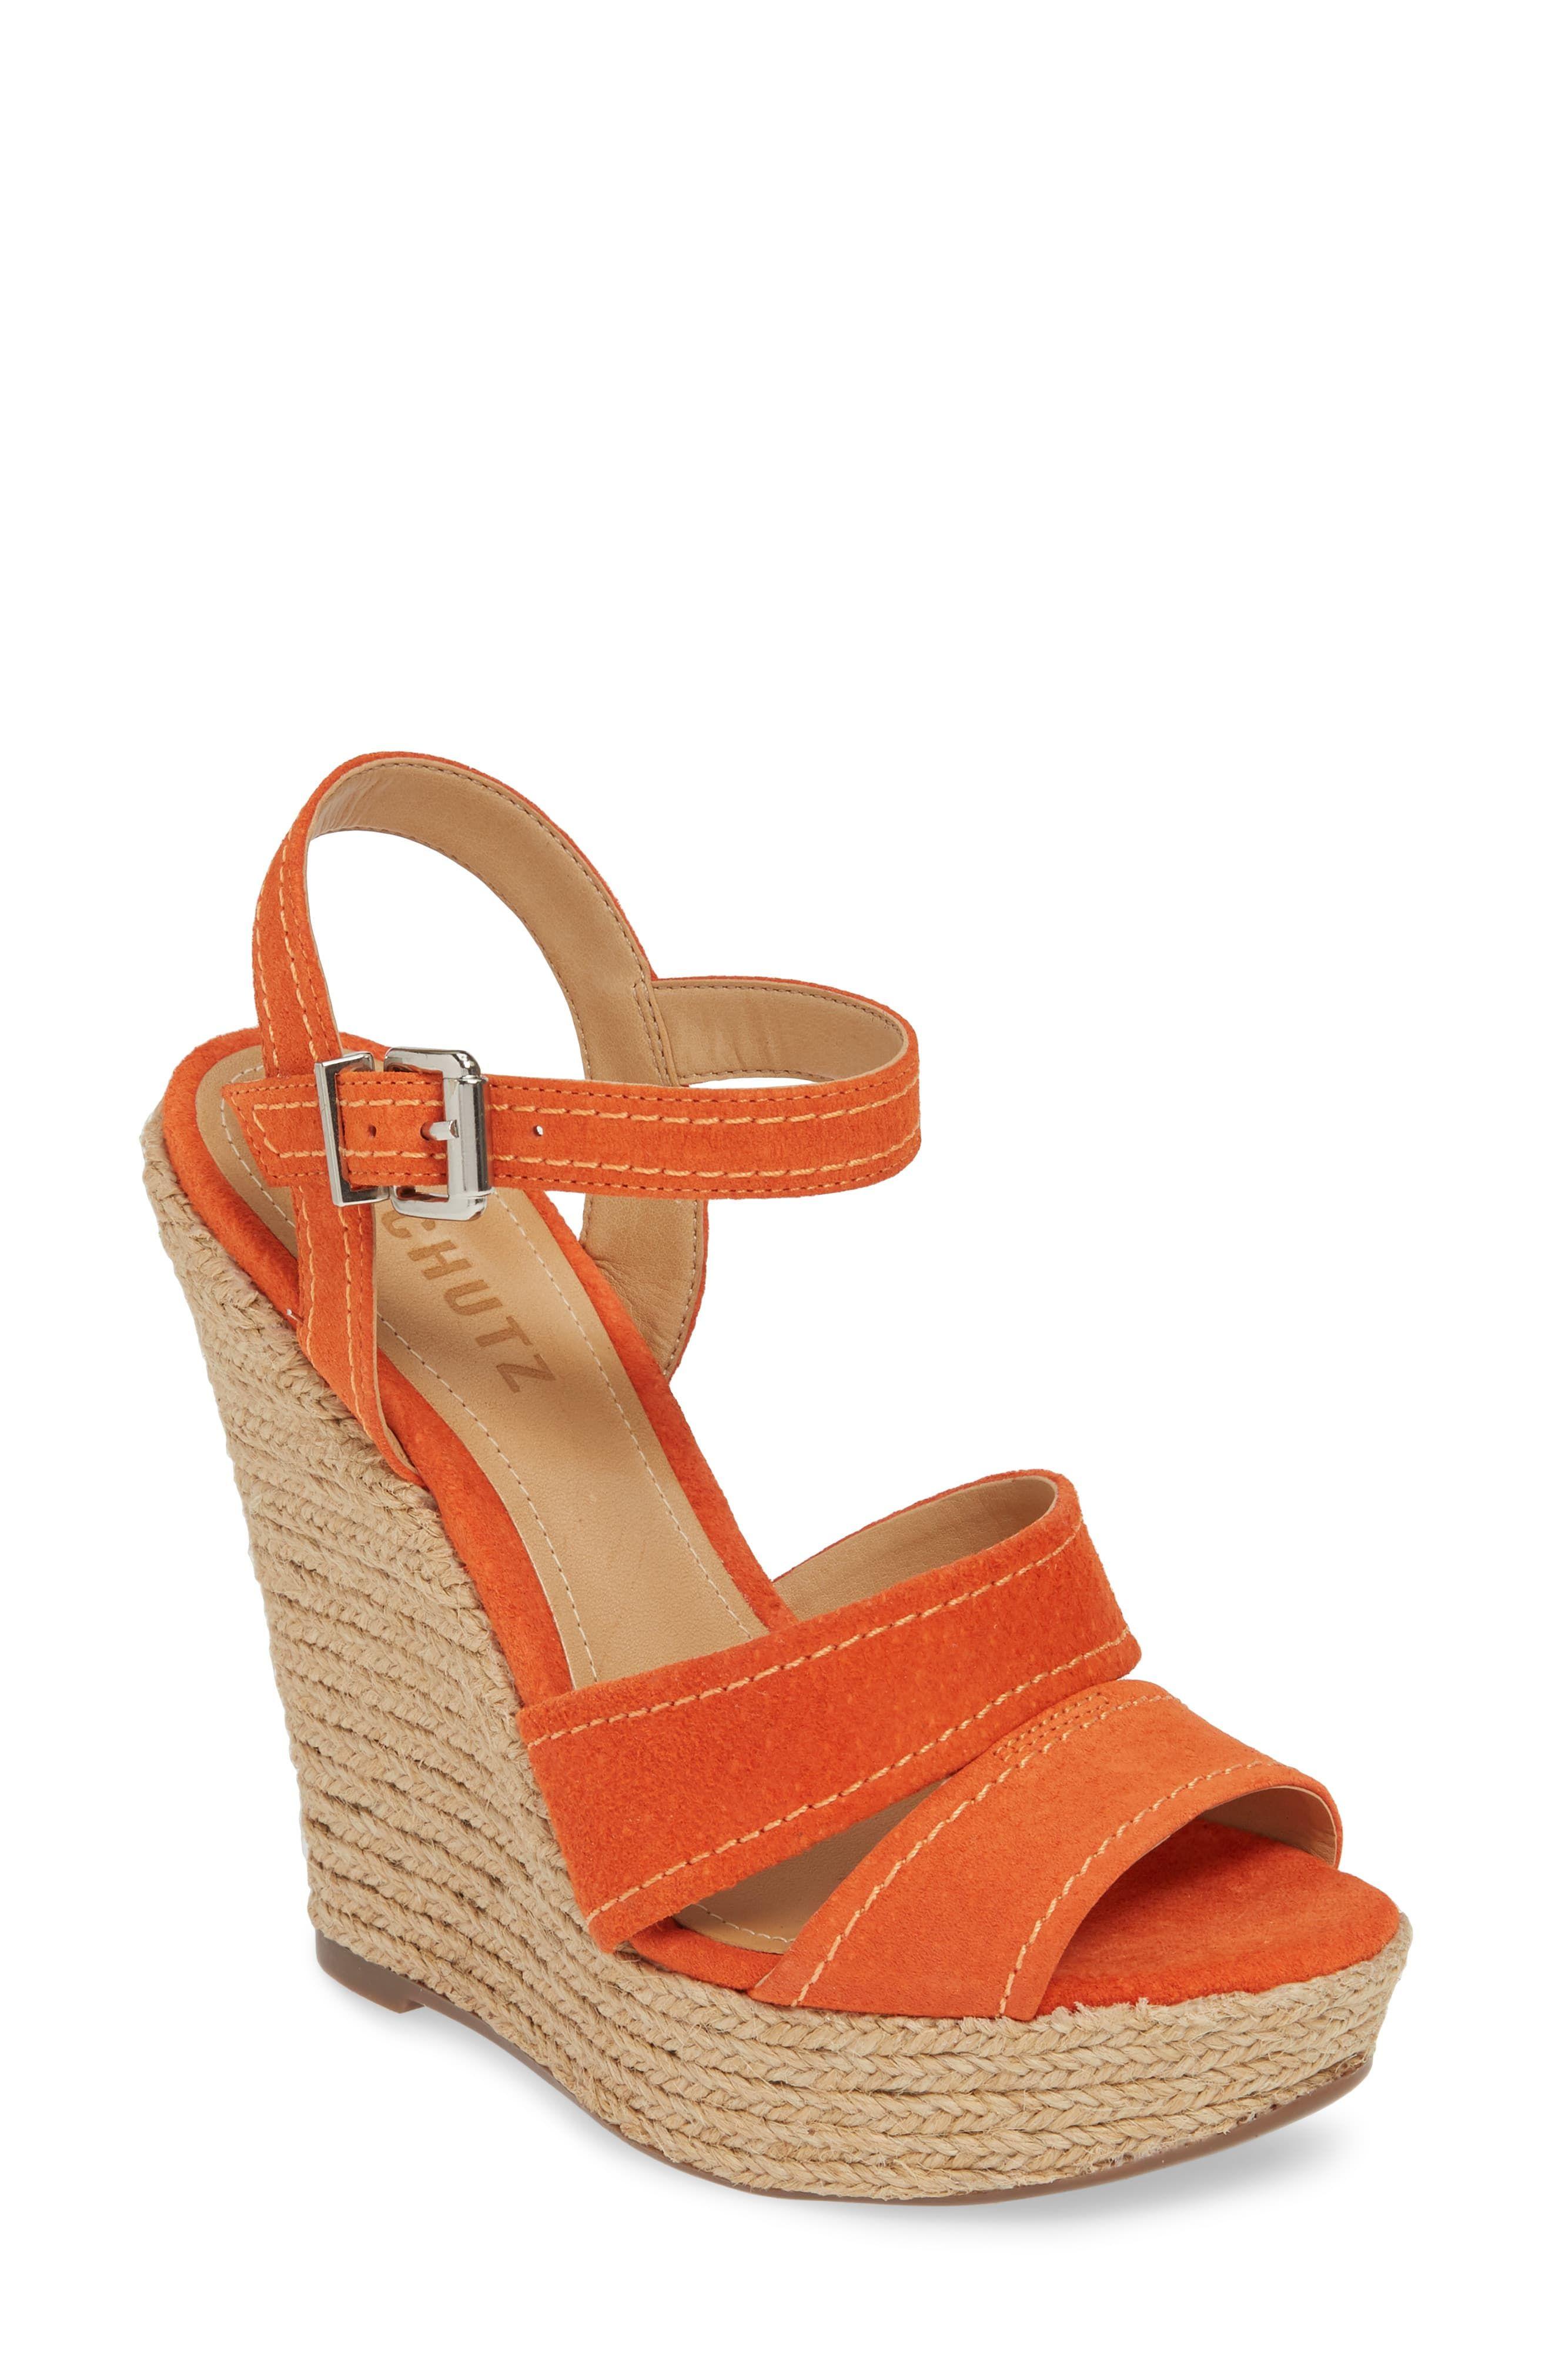 ae903d51036 Women's Schutz Dorida Platform Wedge Sandal, Size 5.5 M - Orange ...